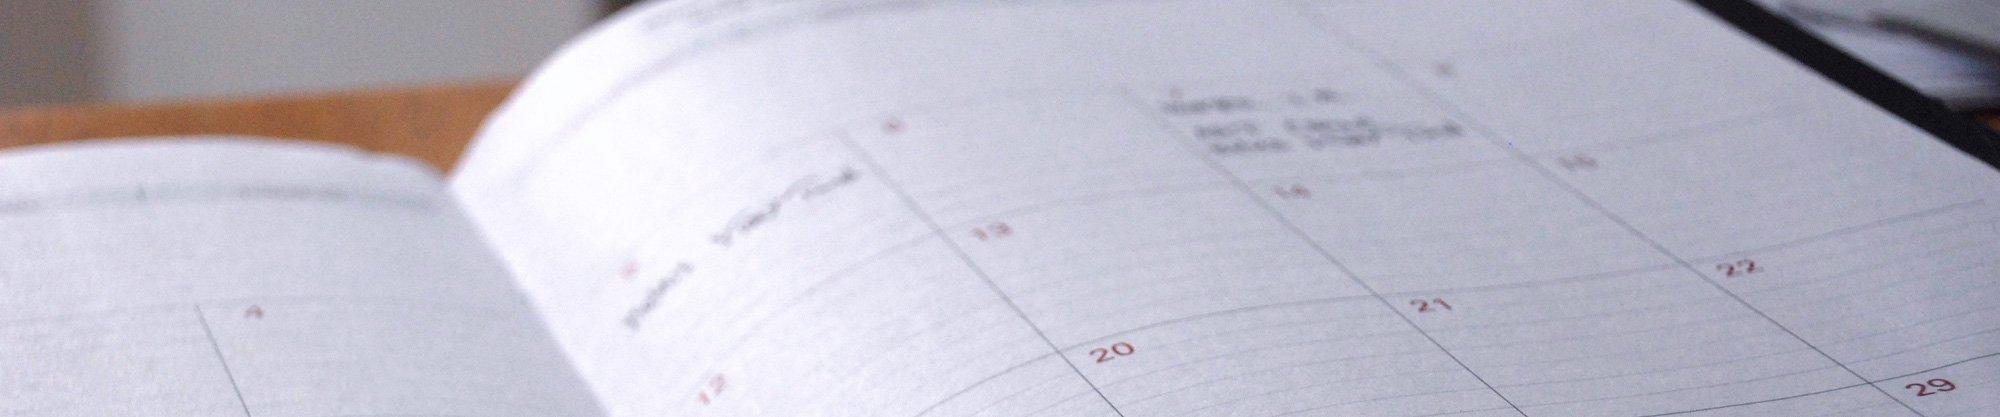 Hochzeit und Geburtstag verschieben statt stornieren